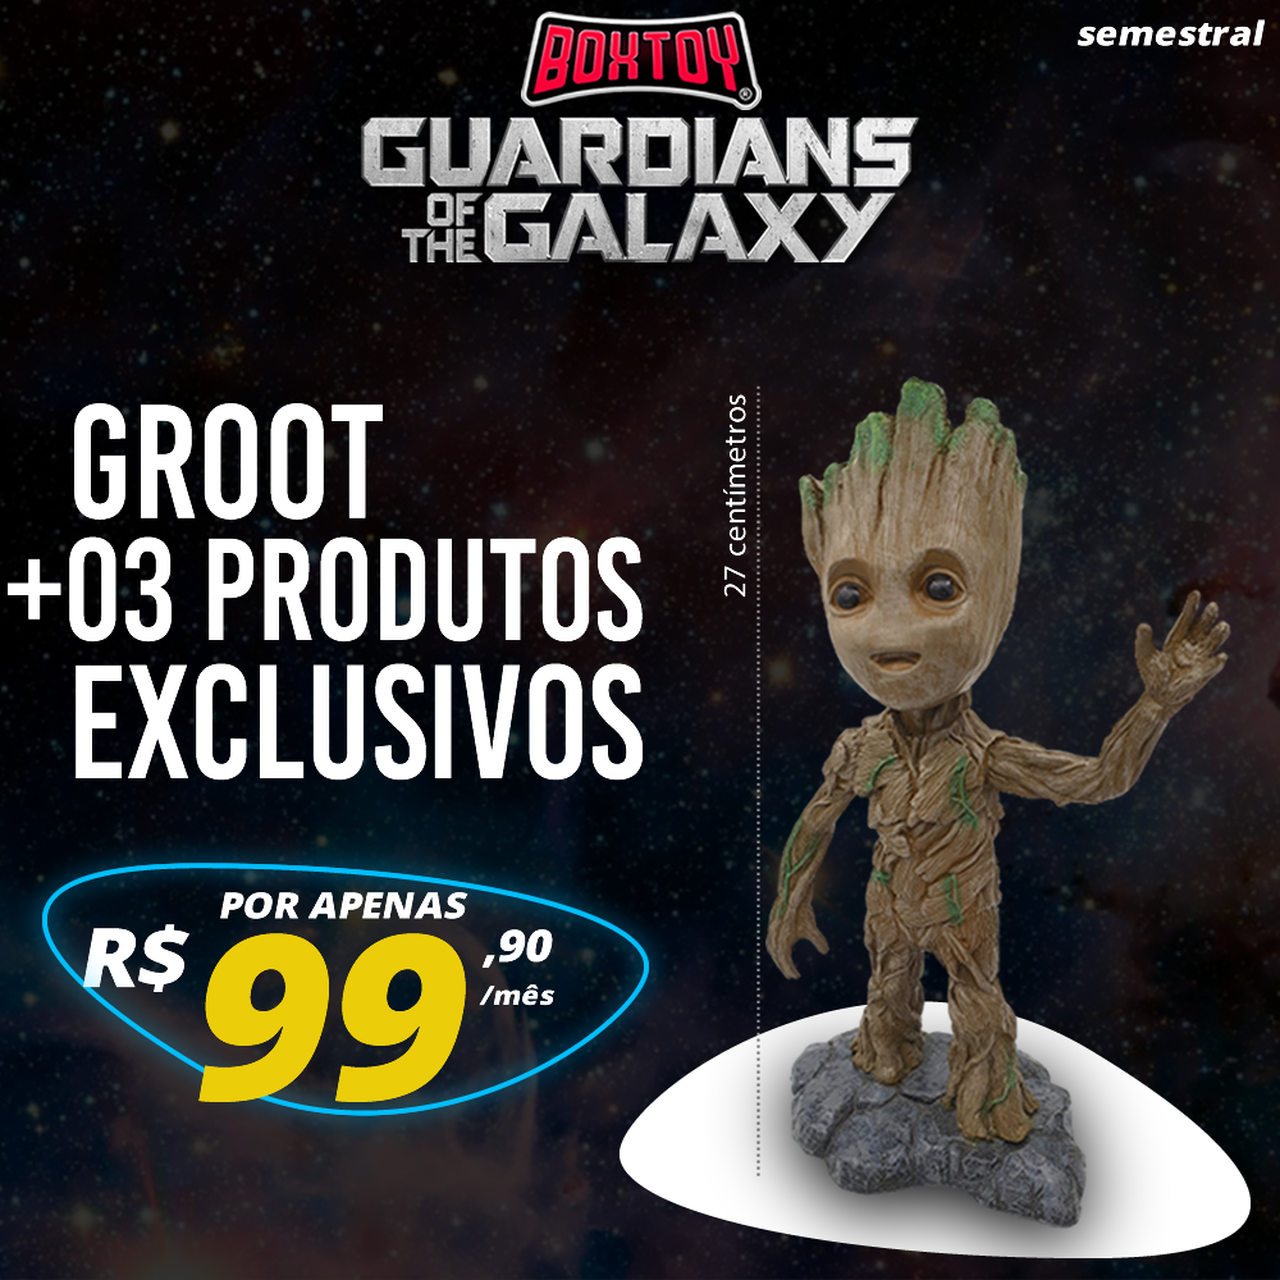 Boxtoy Edição Guardiões da galáxia SEMESTRAL  - Boxtoy